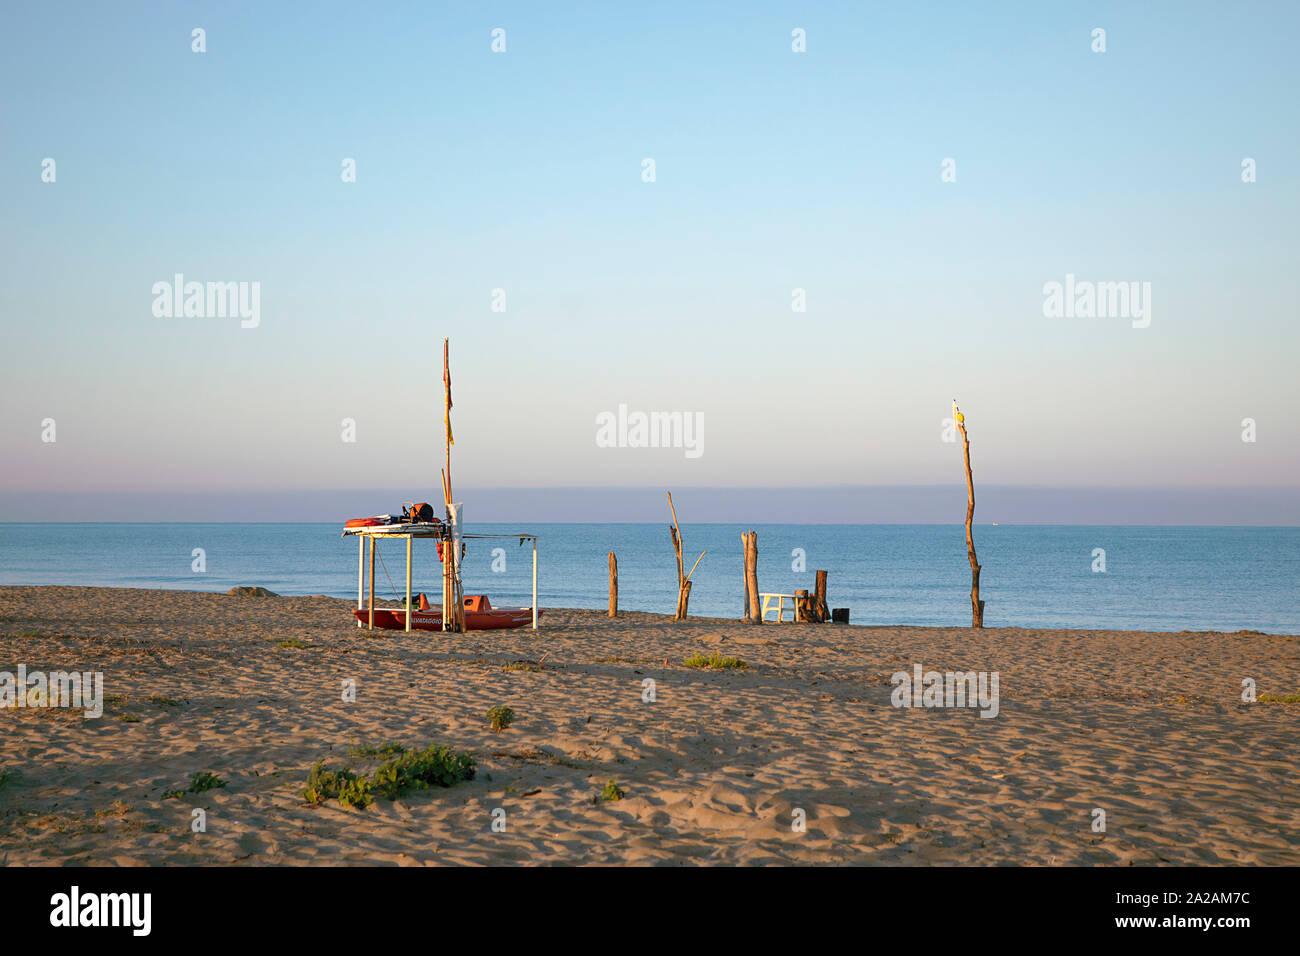 Am strand mit ständer